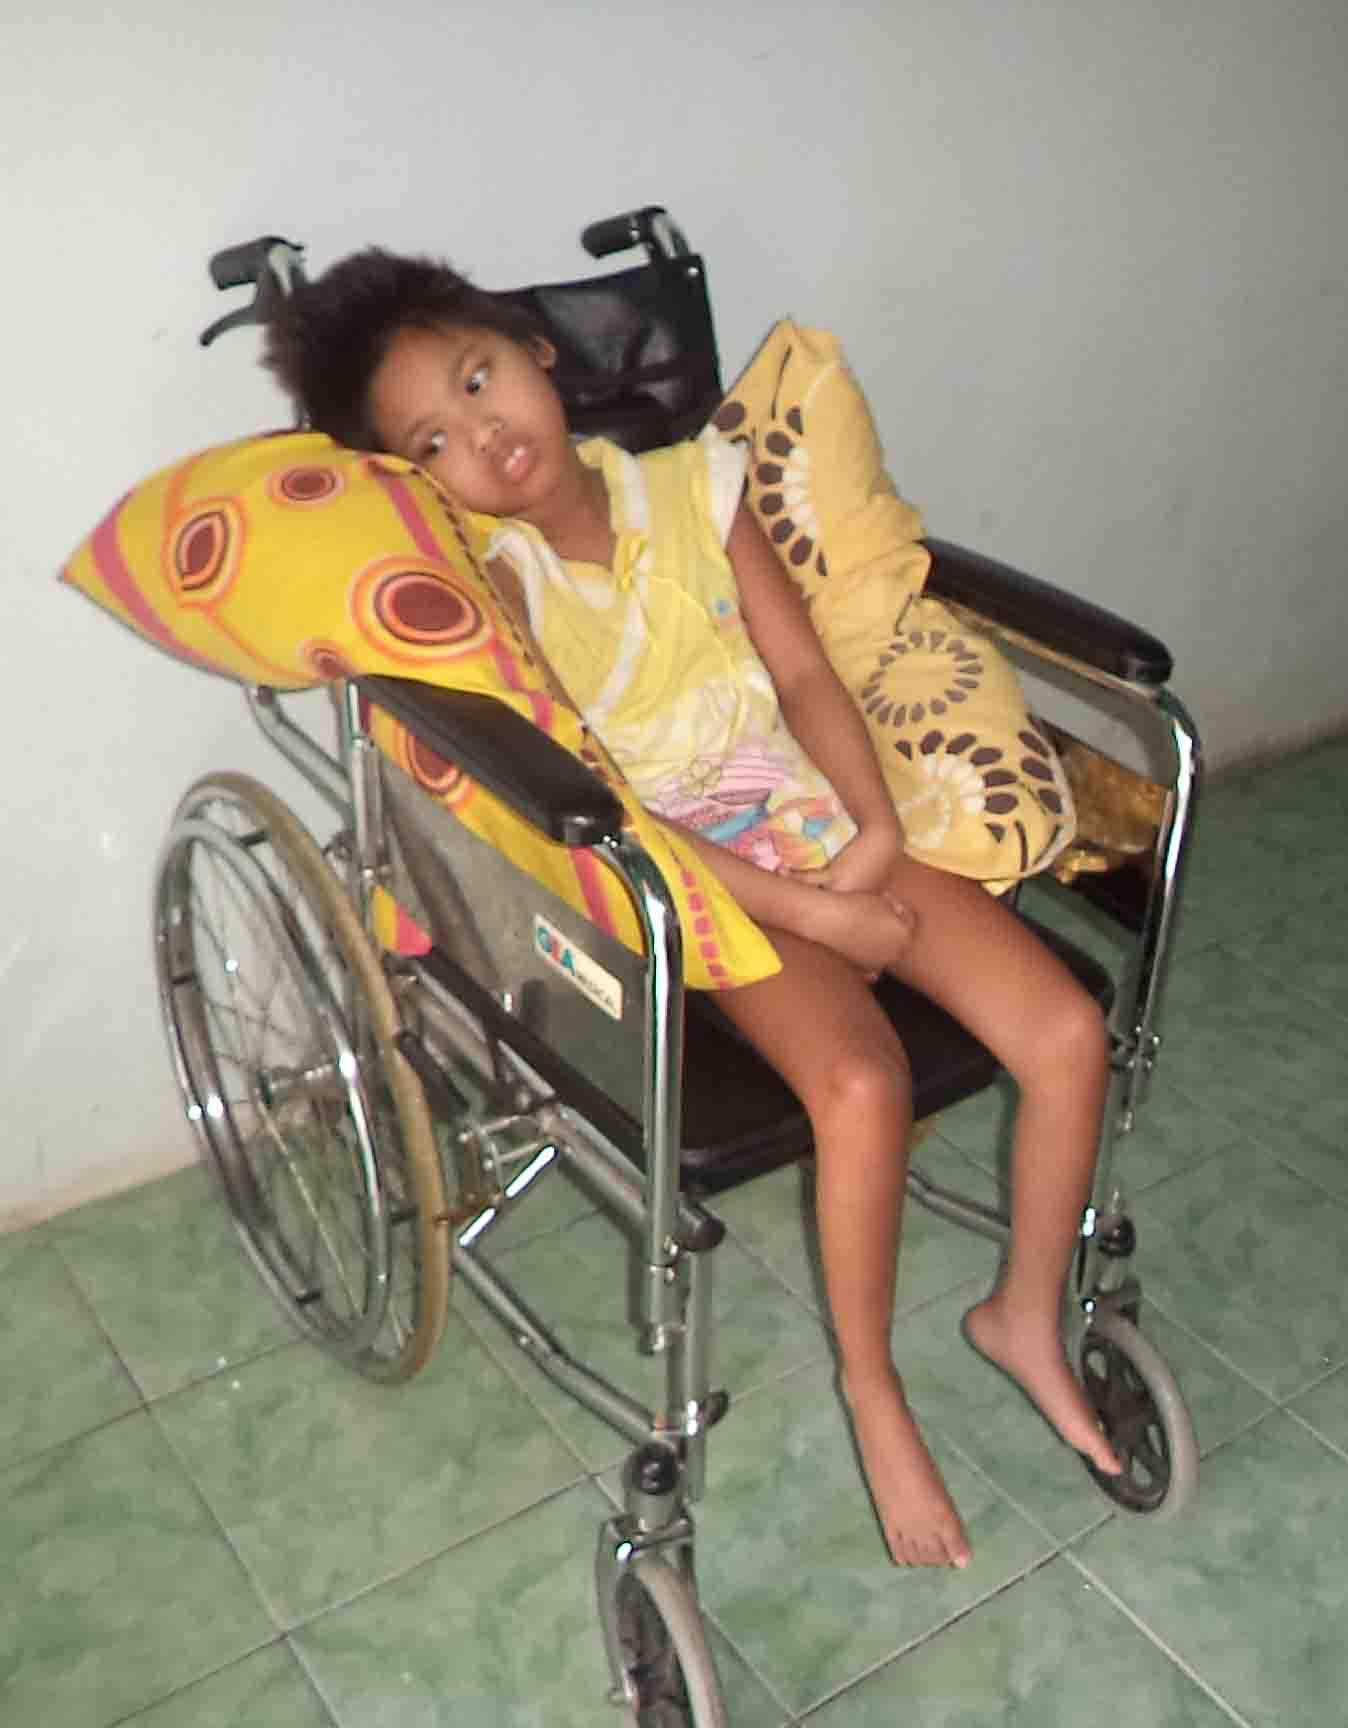 Zahra anak pasangan Mundhiroh (30) dan Anwar (36) warga Dukuh pagendengan, desa Songgom kidul, Kecamatan Songgom, Kabupaten Brebes yang tergolek lemah di kursi roda